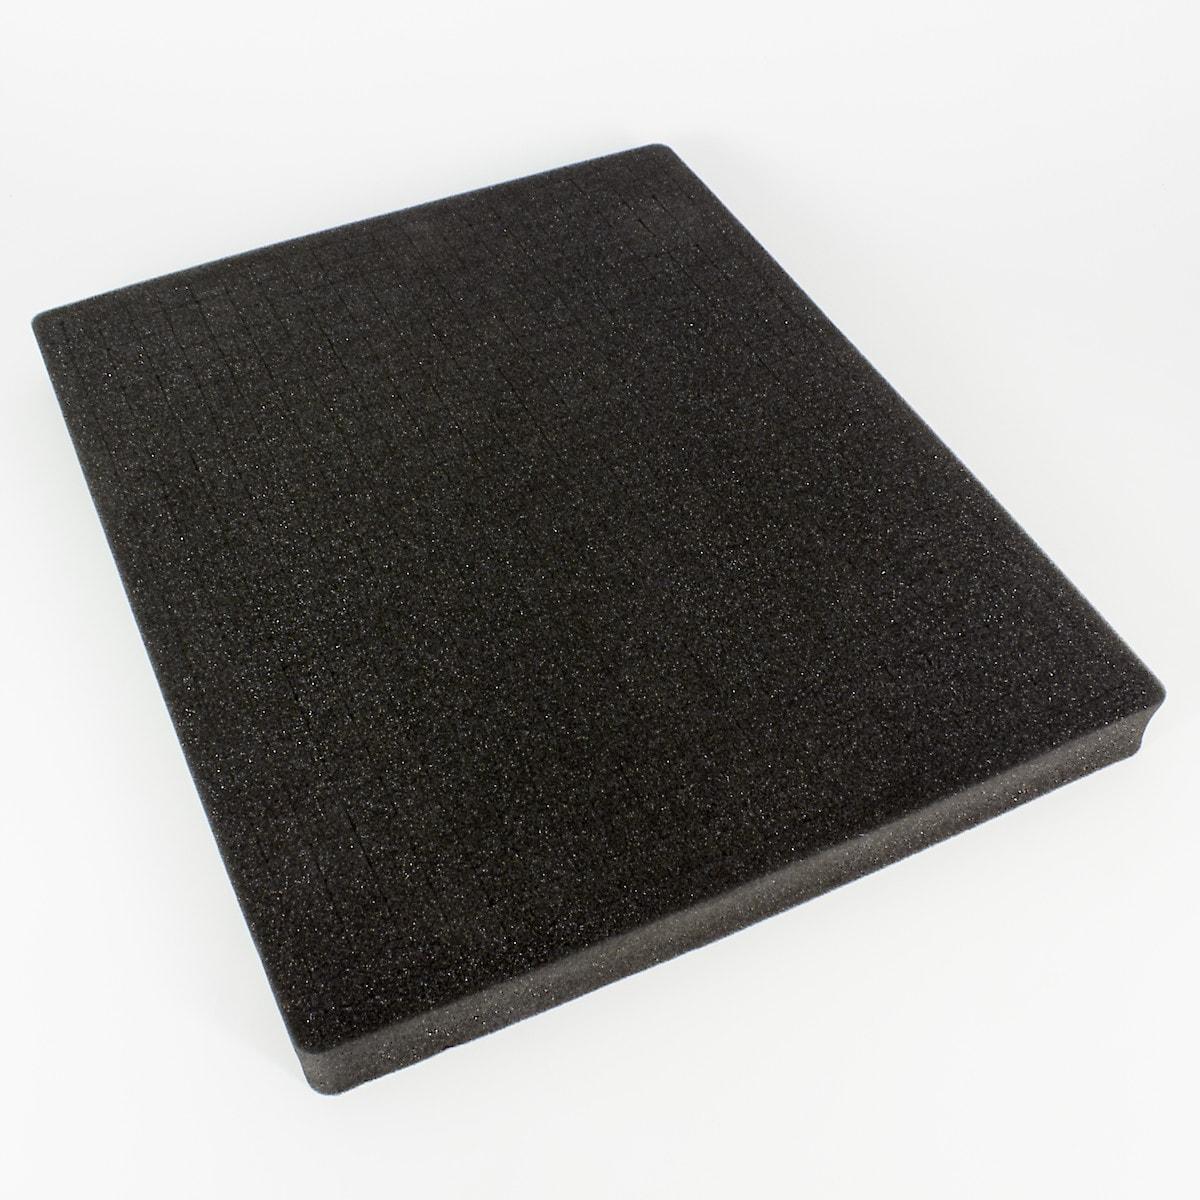 Foam insert 405 x 330 x 30 mm